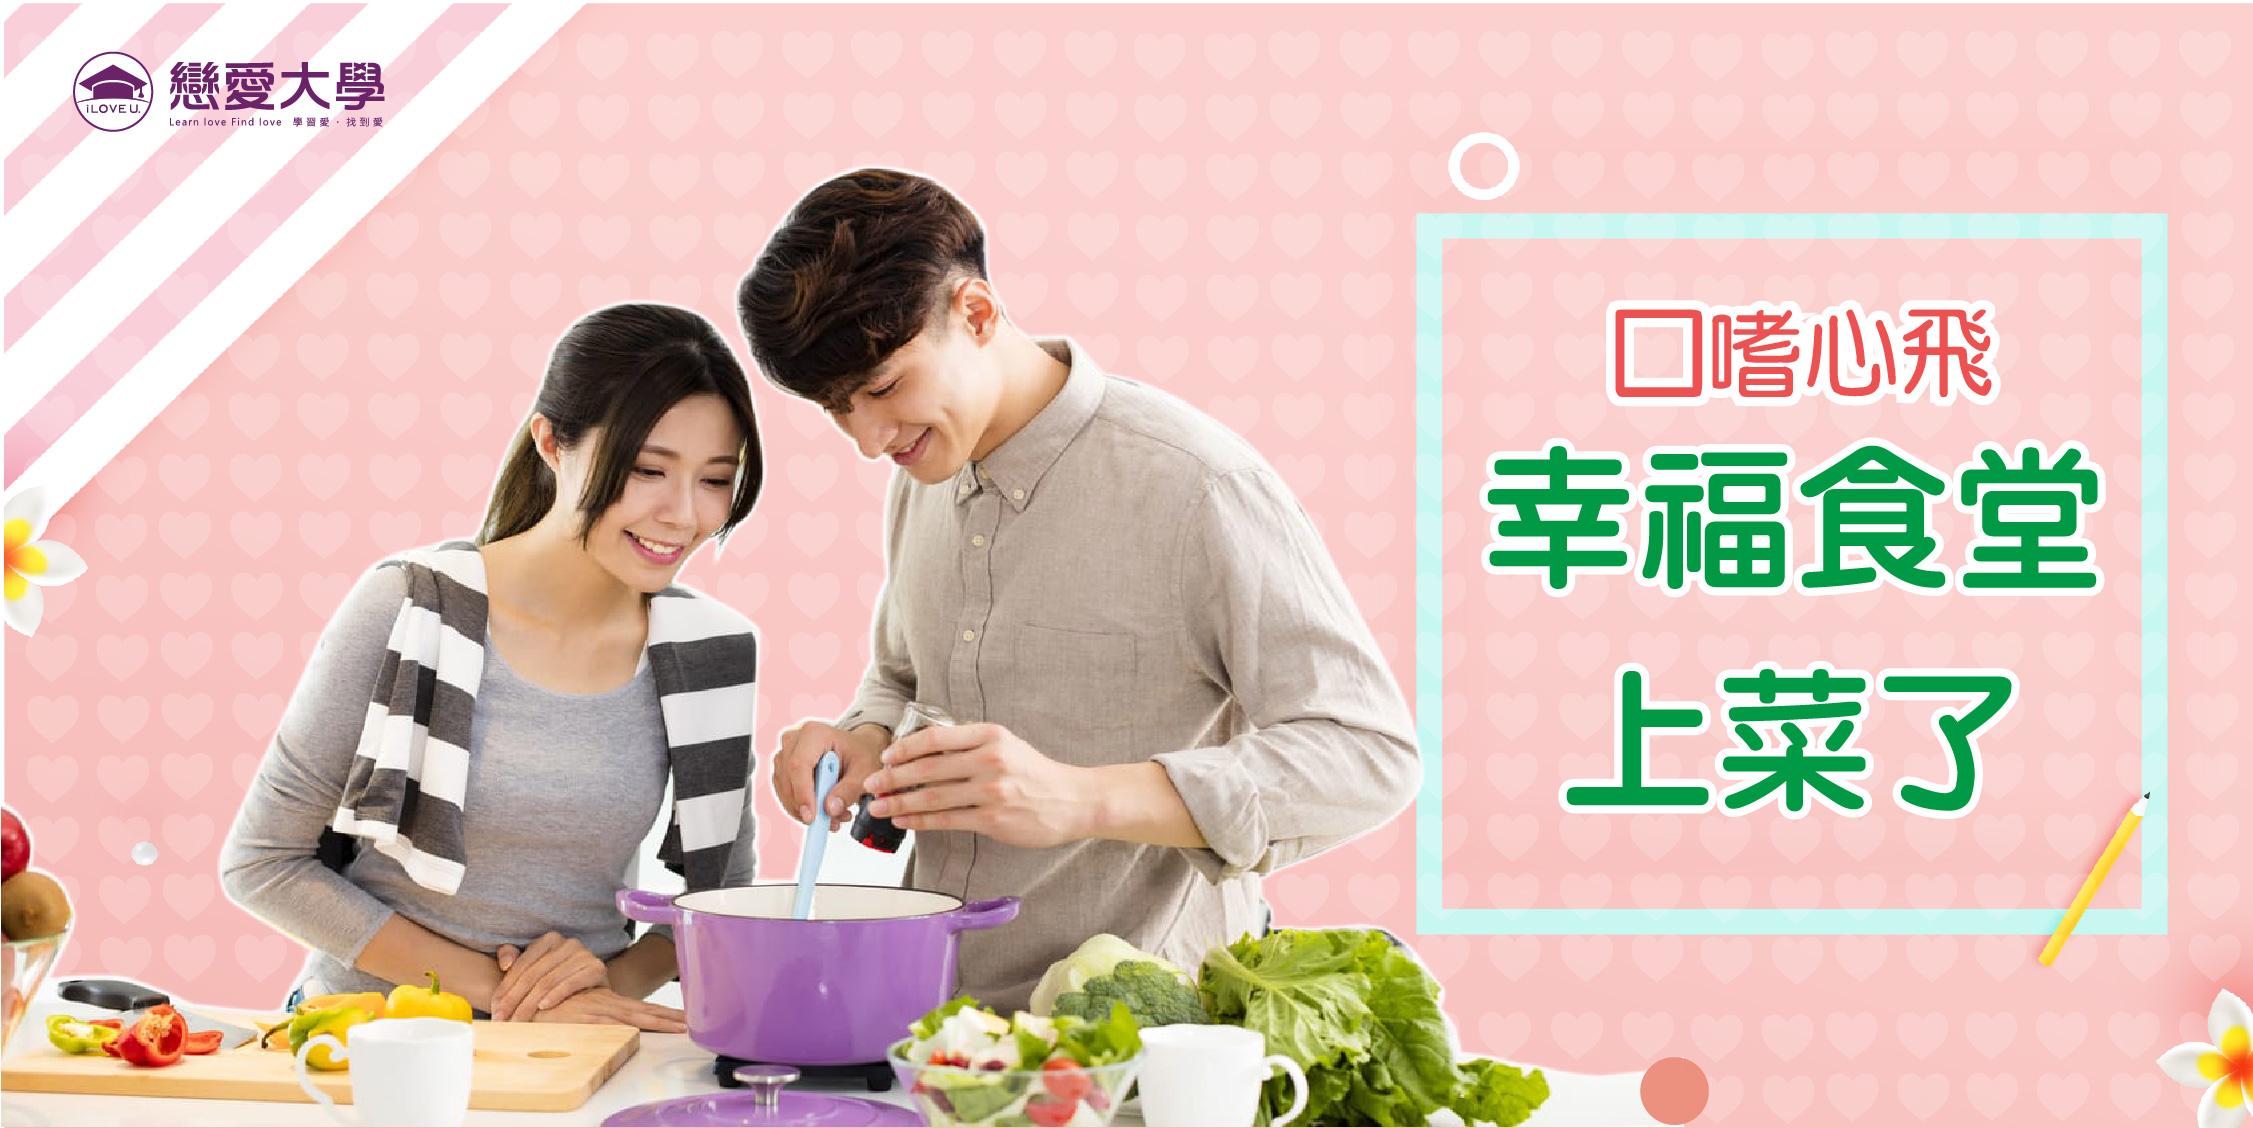 ❤戀愛大學❤【幸福食堂,上菜囉!】X口嗜心飛《特別企劃》11/21 (六)